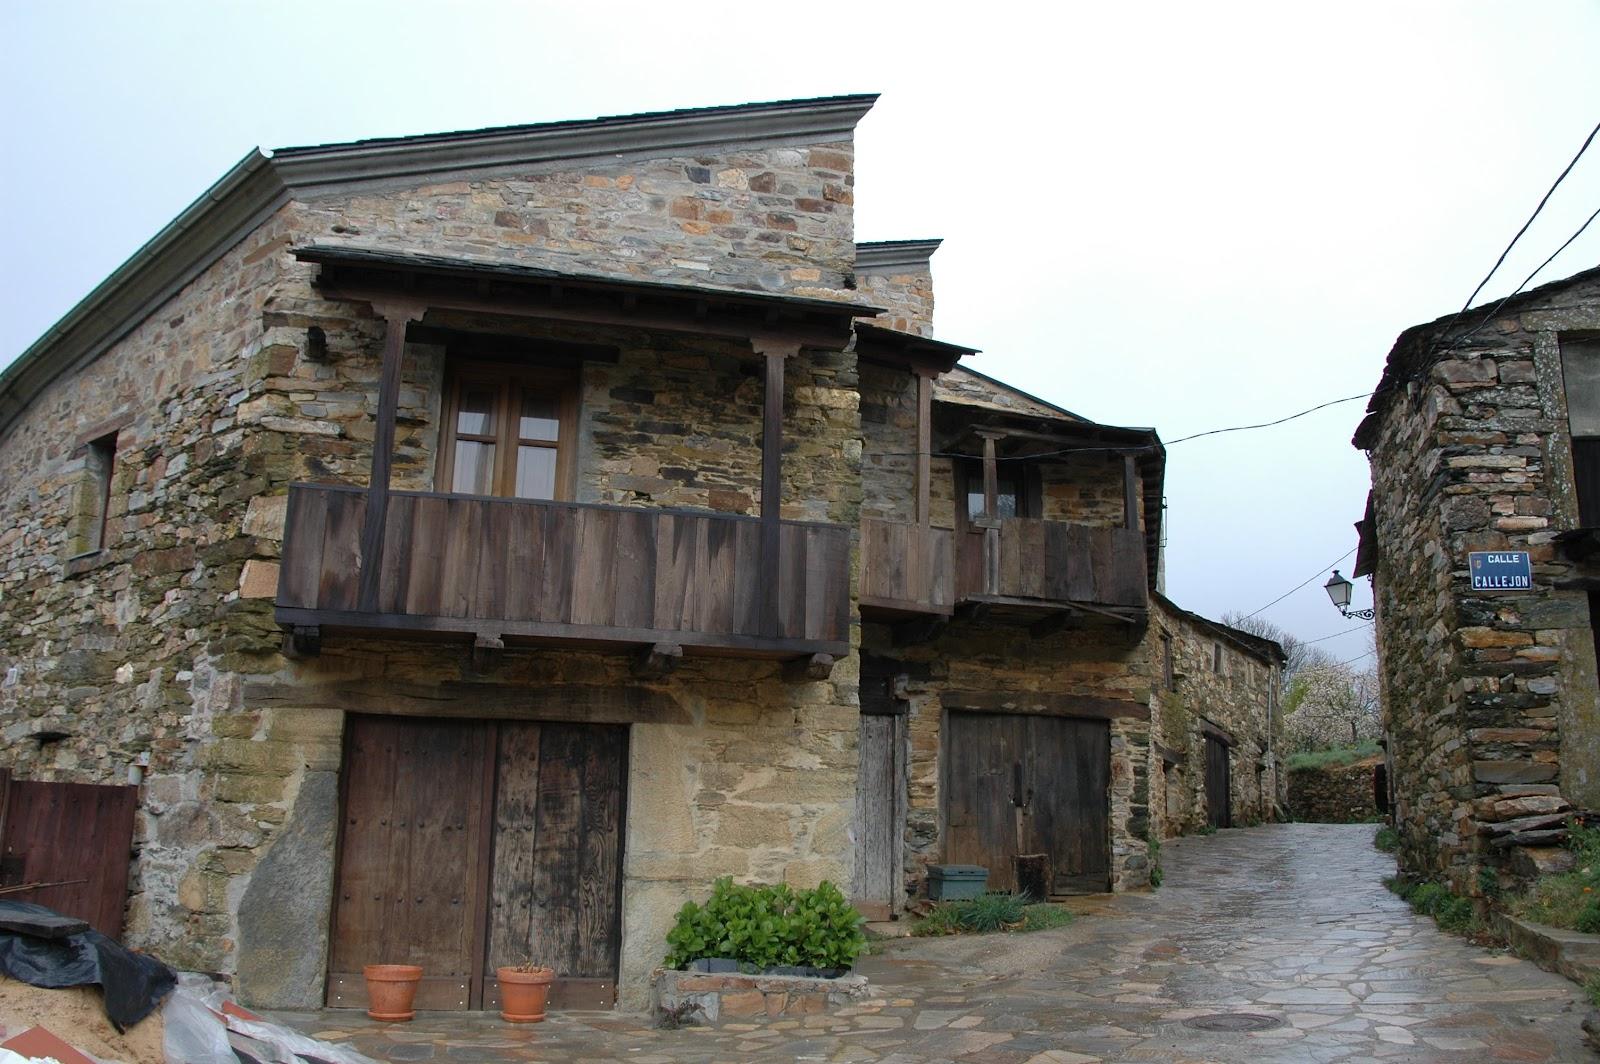 Viajar por europa abril 2012 for Tejados de madera en leon